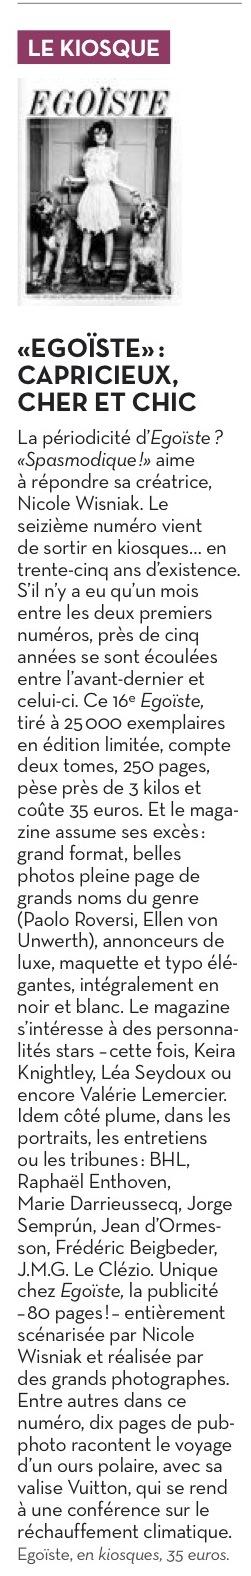 Libération 06 05 2011.jpg